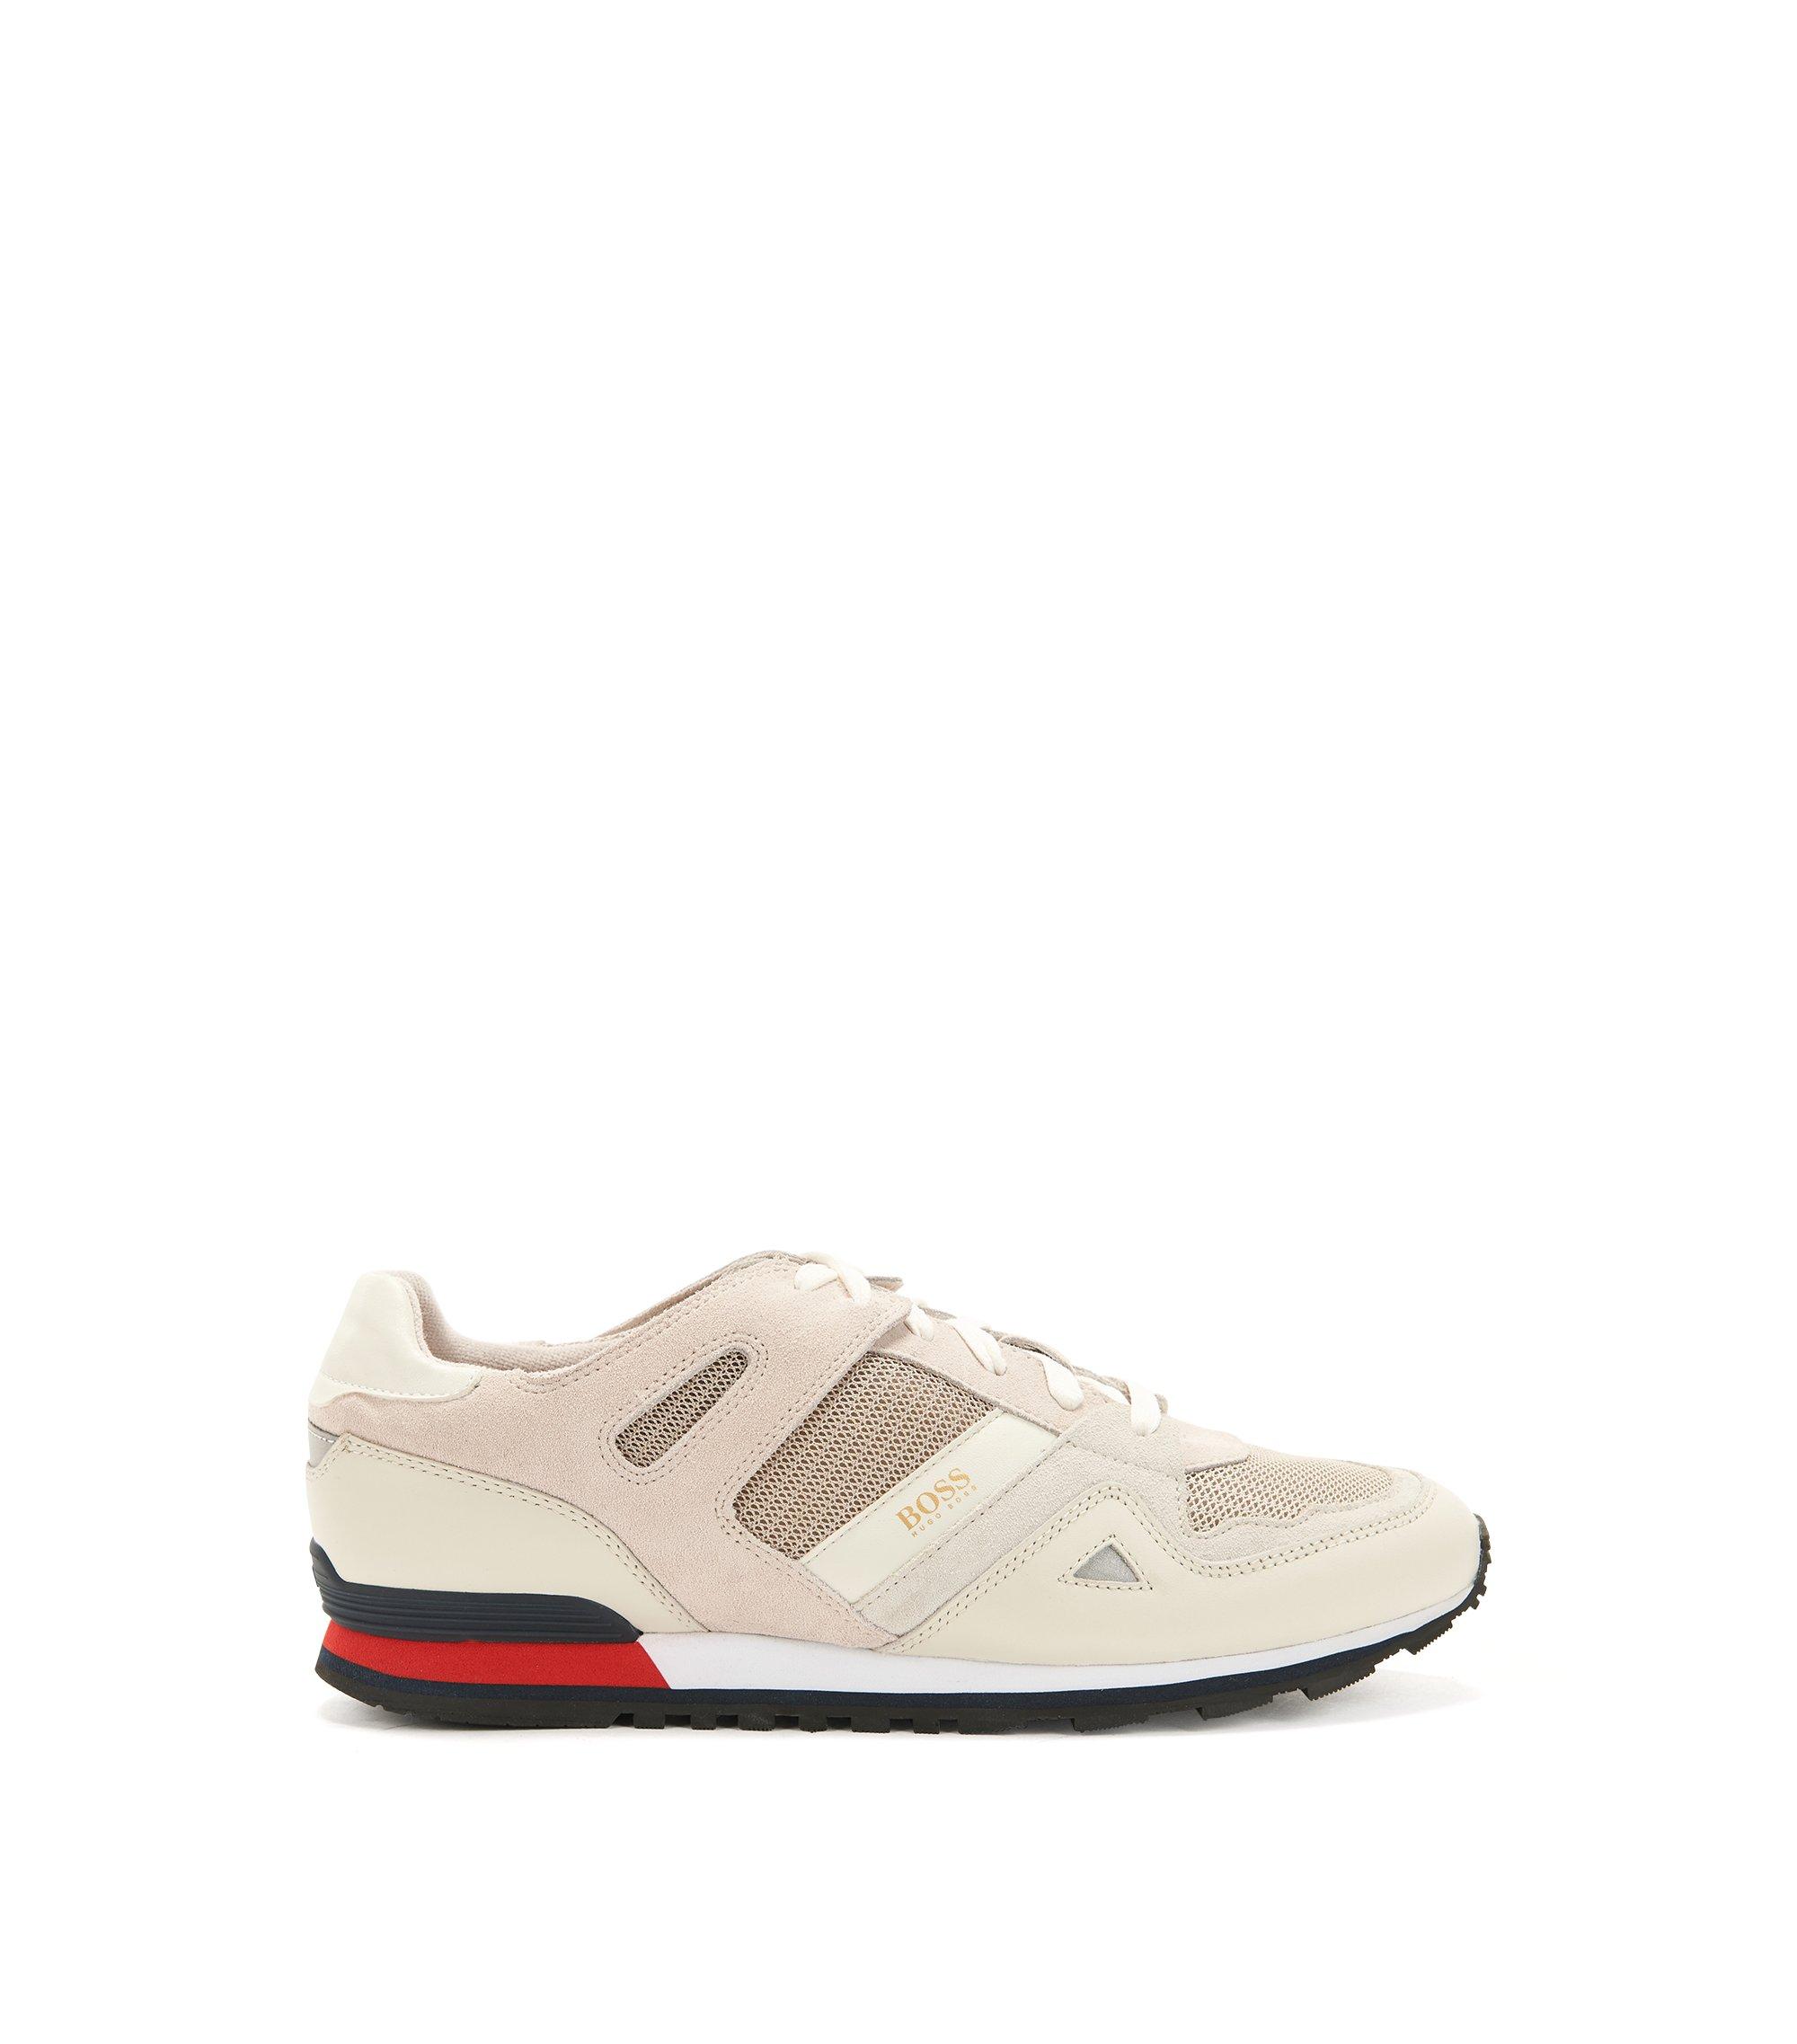 Chaussures de sport à lacets avec revêtement en cuir, Gris chiné